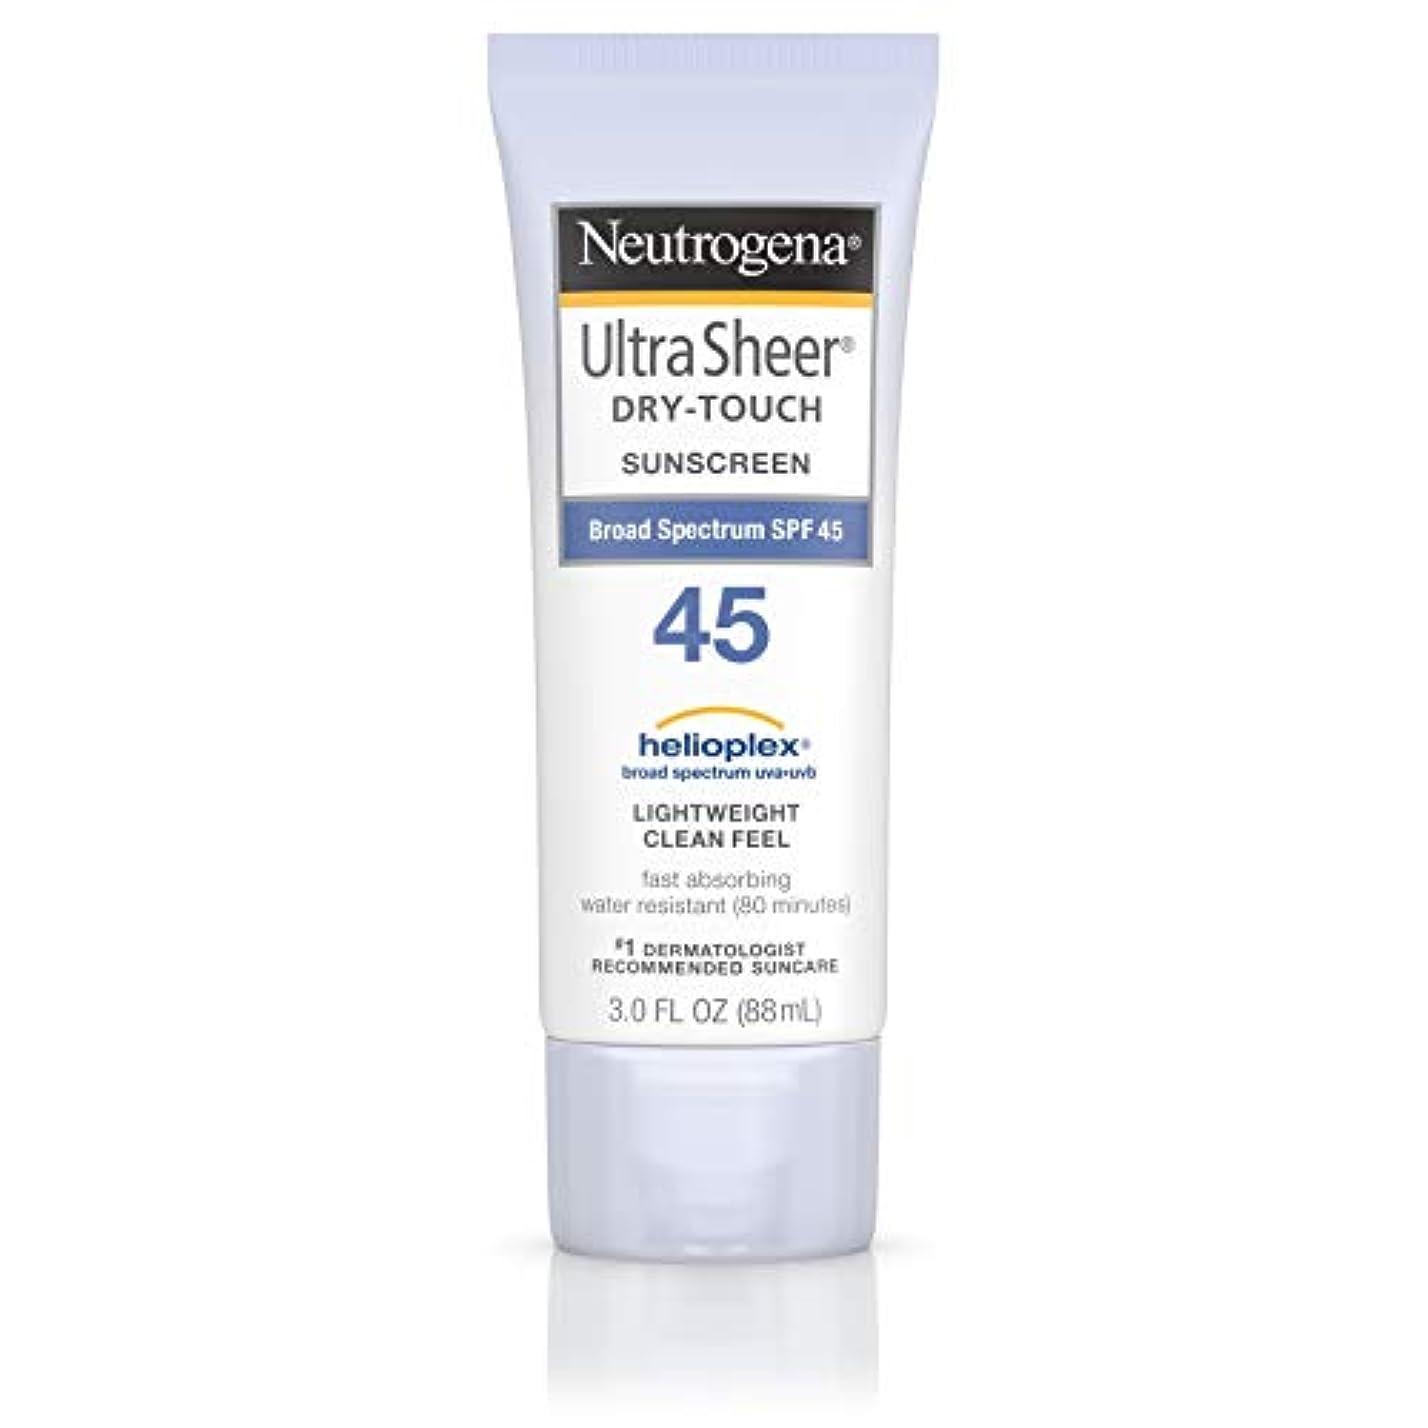 モバイル壁紙盟主Neutrogena Ultra Sheer dry-touch Sunscreen Broad Spectrum